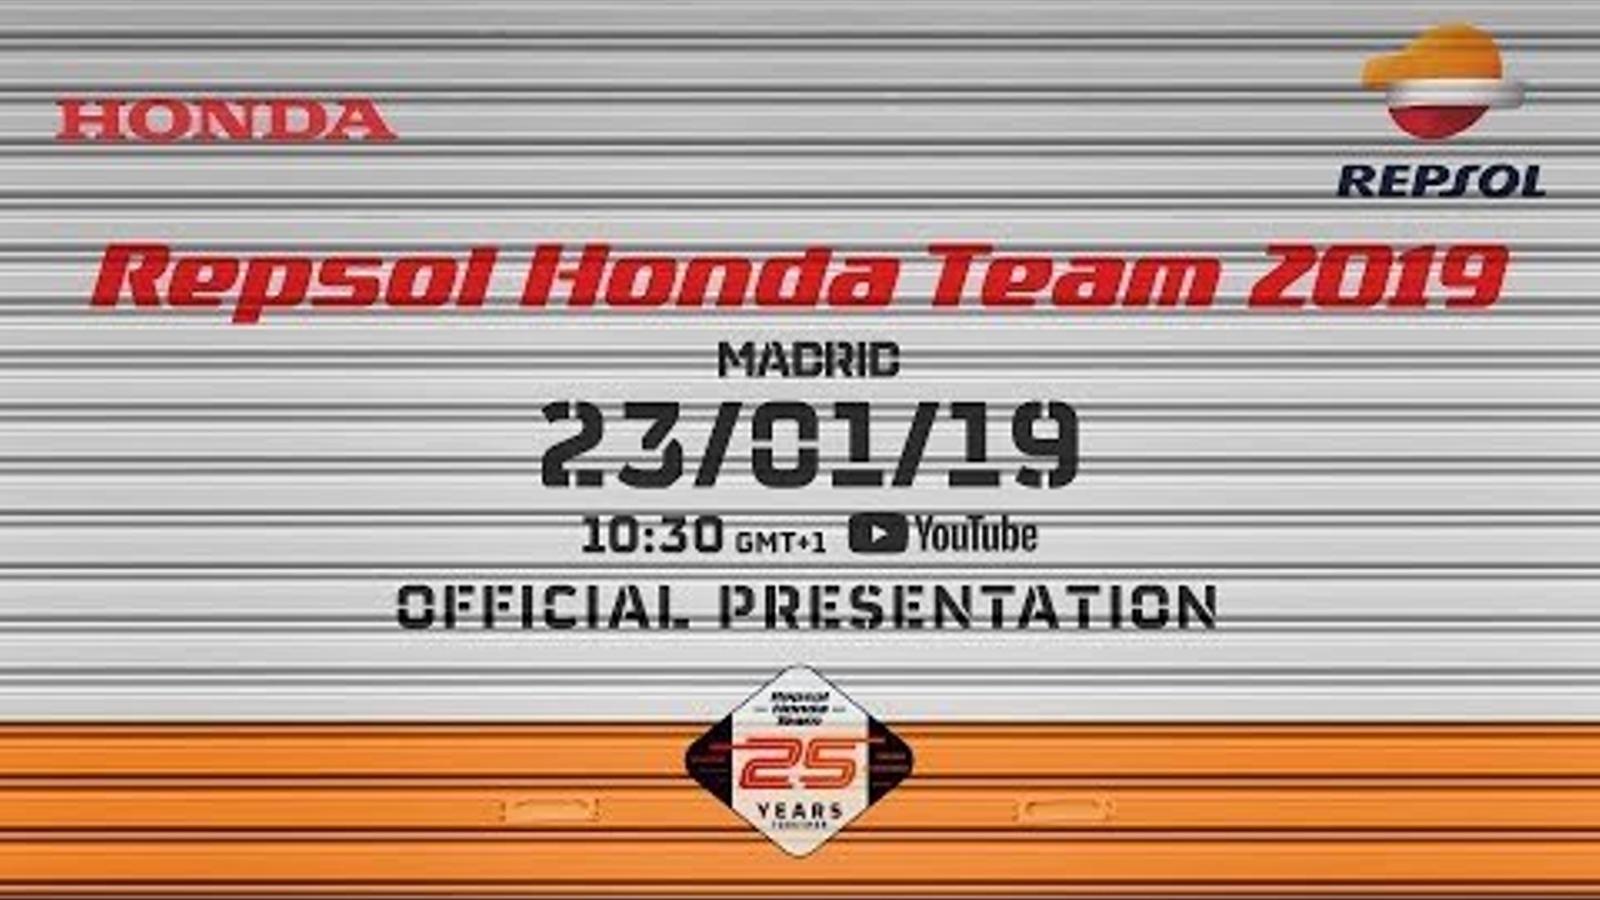 La presentació de l'equip Repsol Honda de MotoGP, en directe